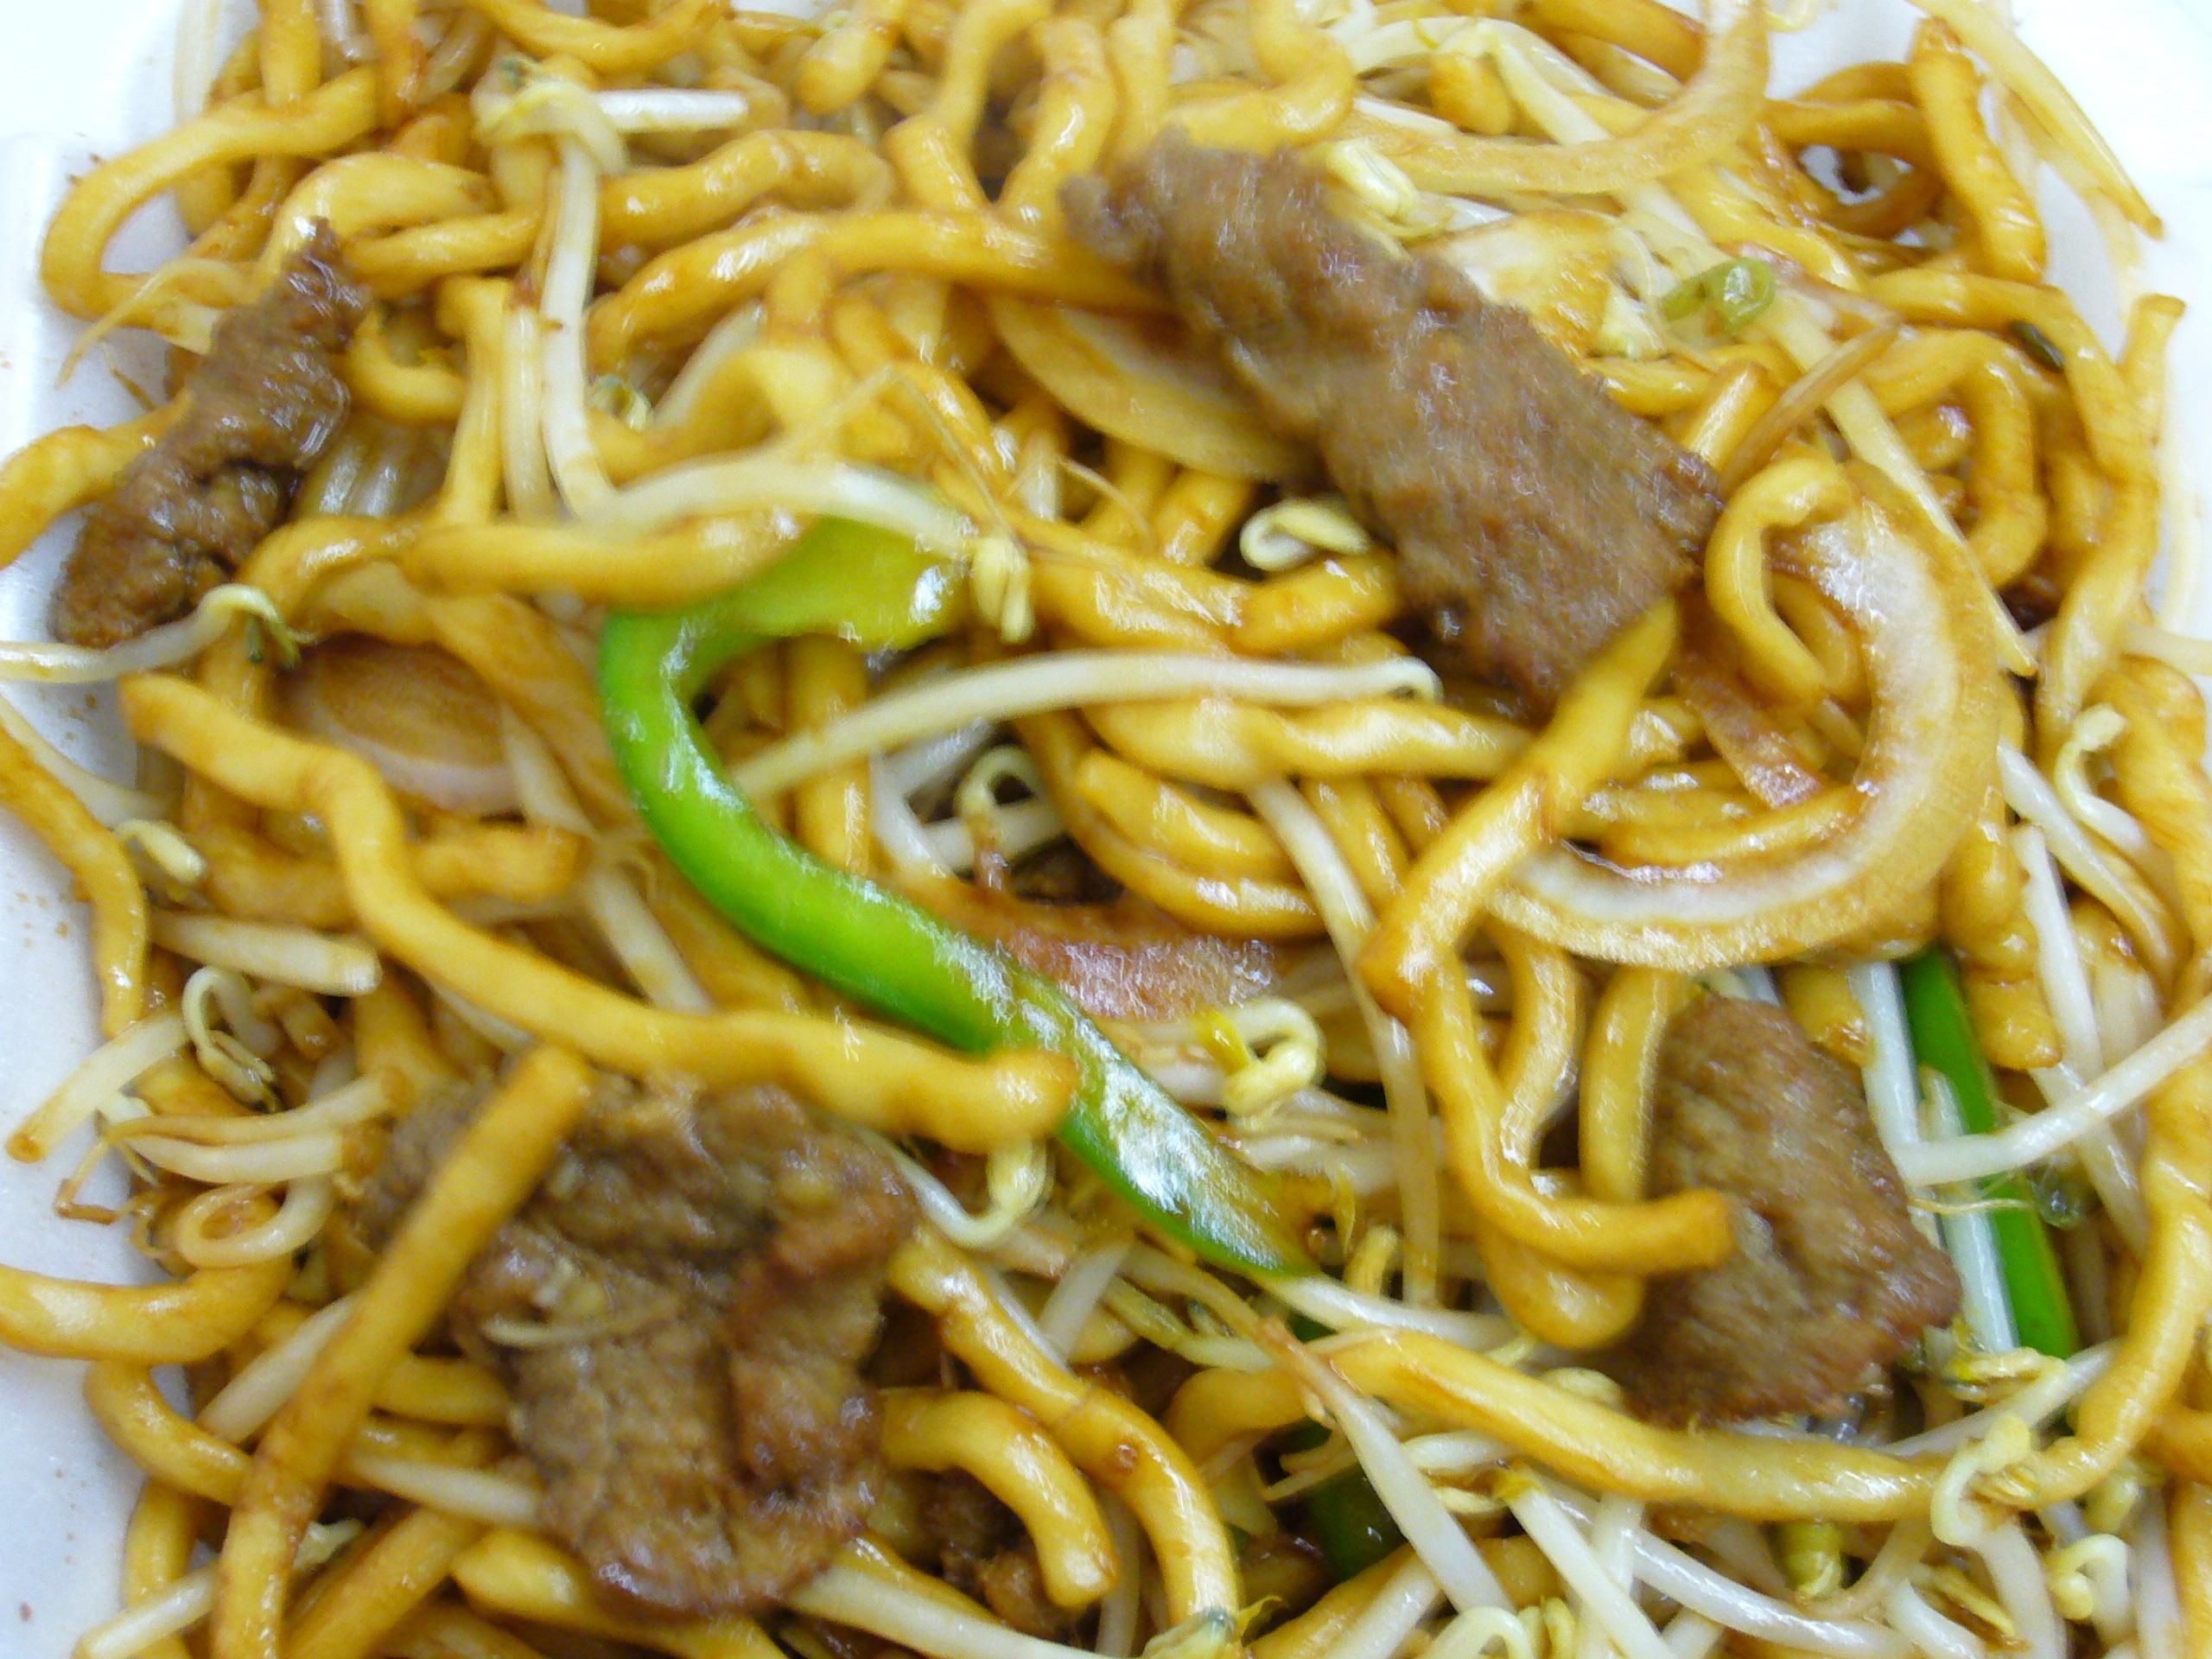 Chow Mein Chop Suey Chop Suey vs Chow Mein